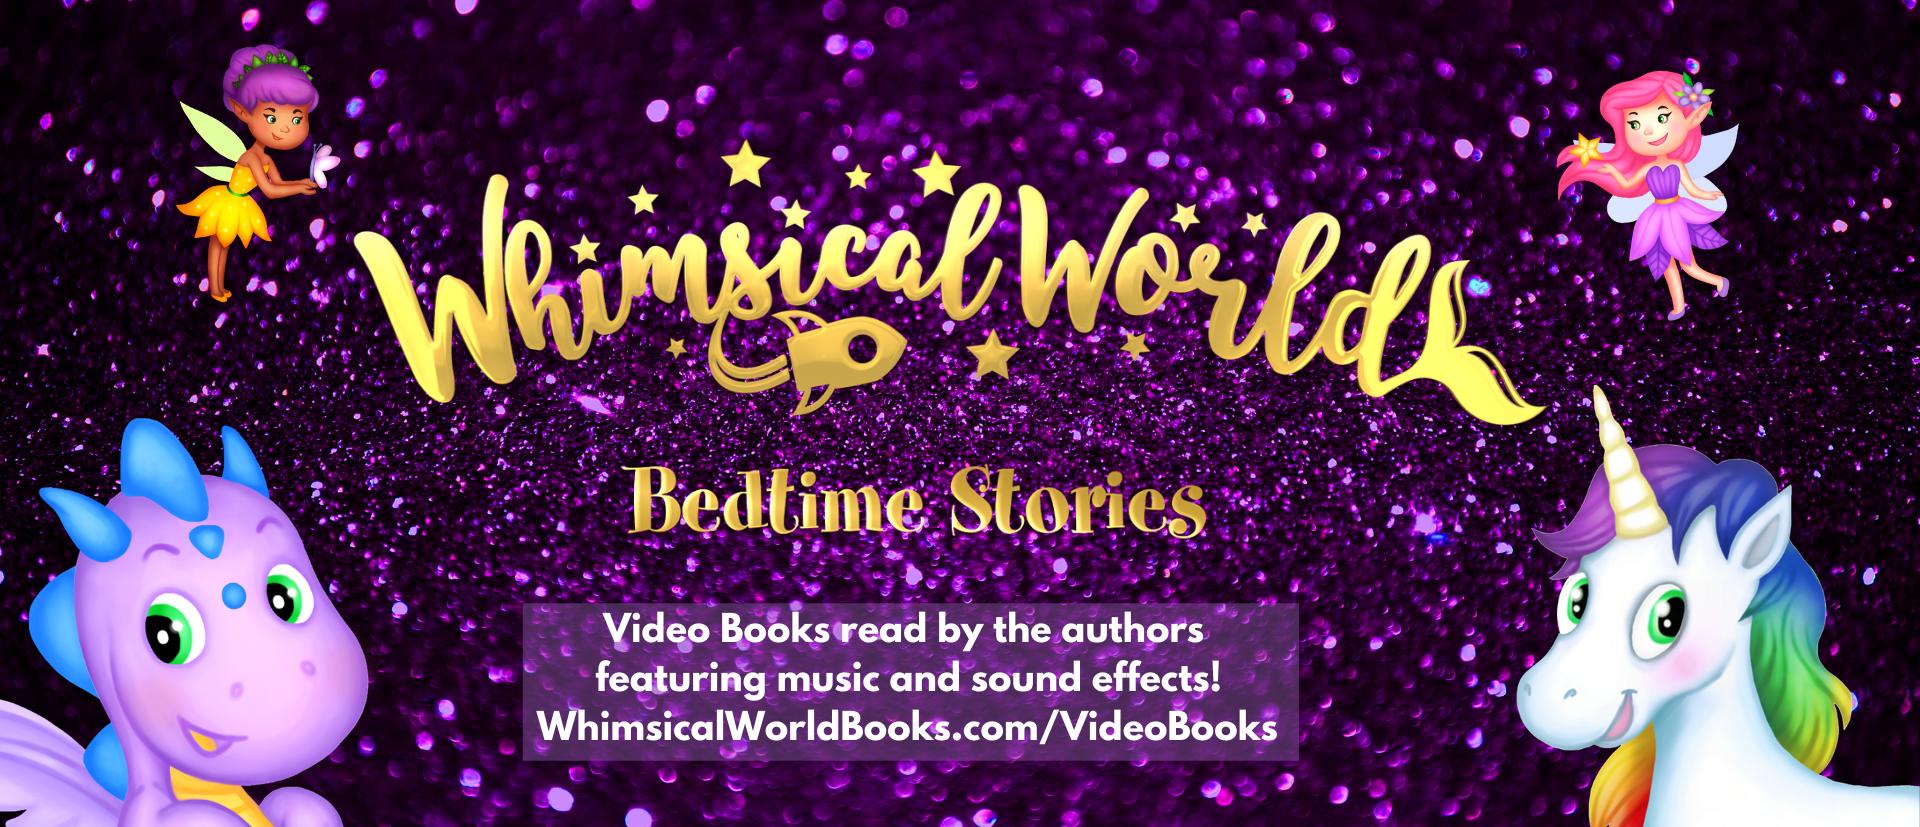 Whimsical World Bedtime Stories Video Books